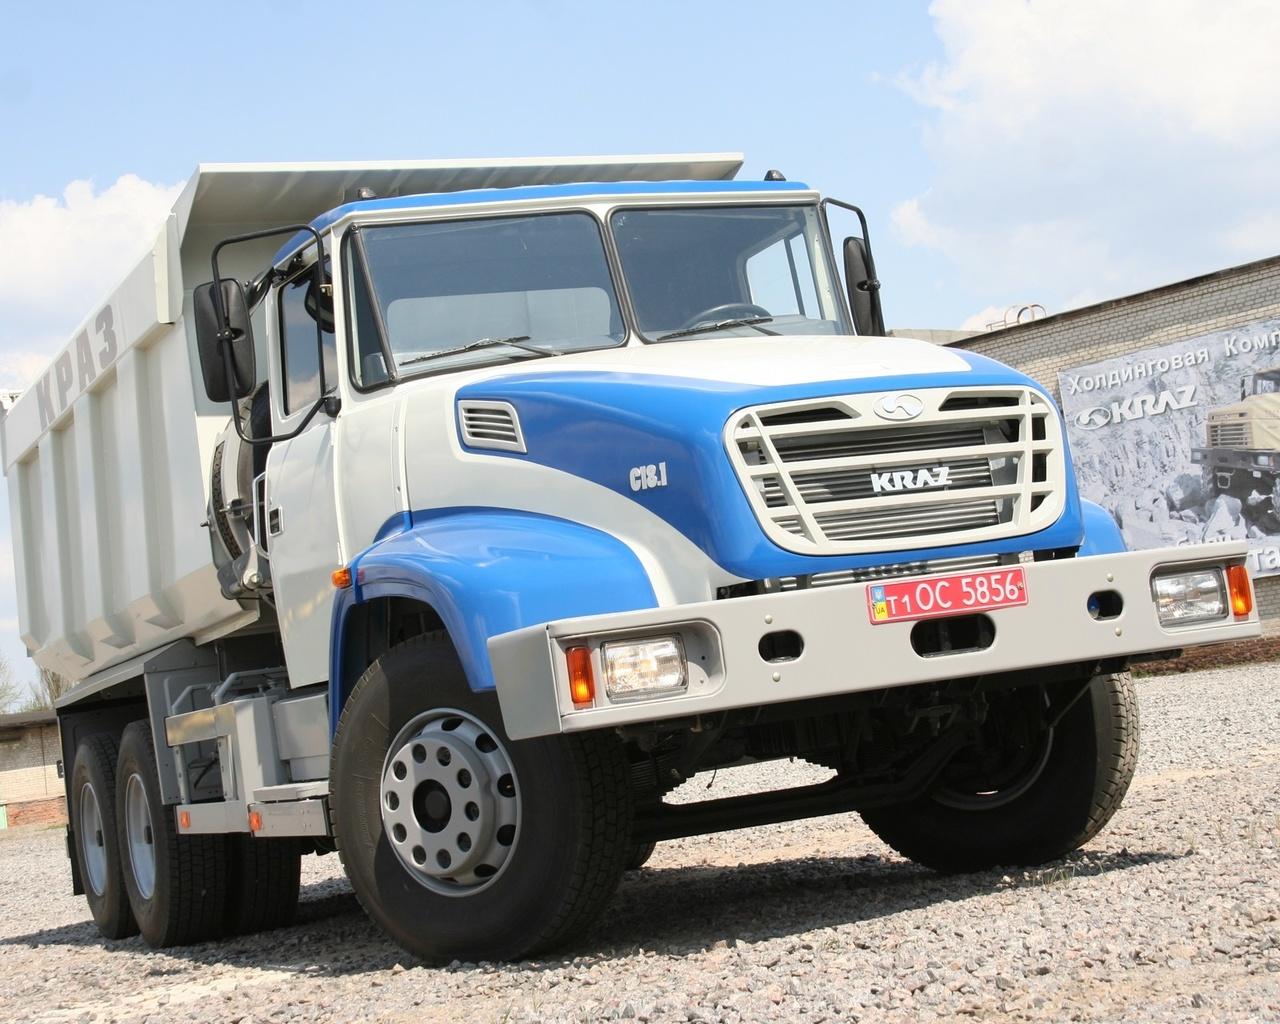 вантажівка, краз, україна